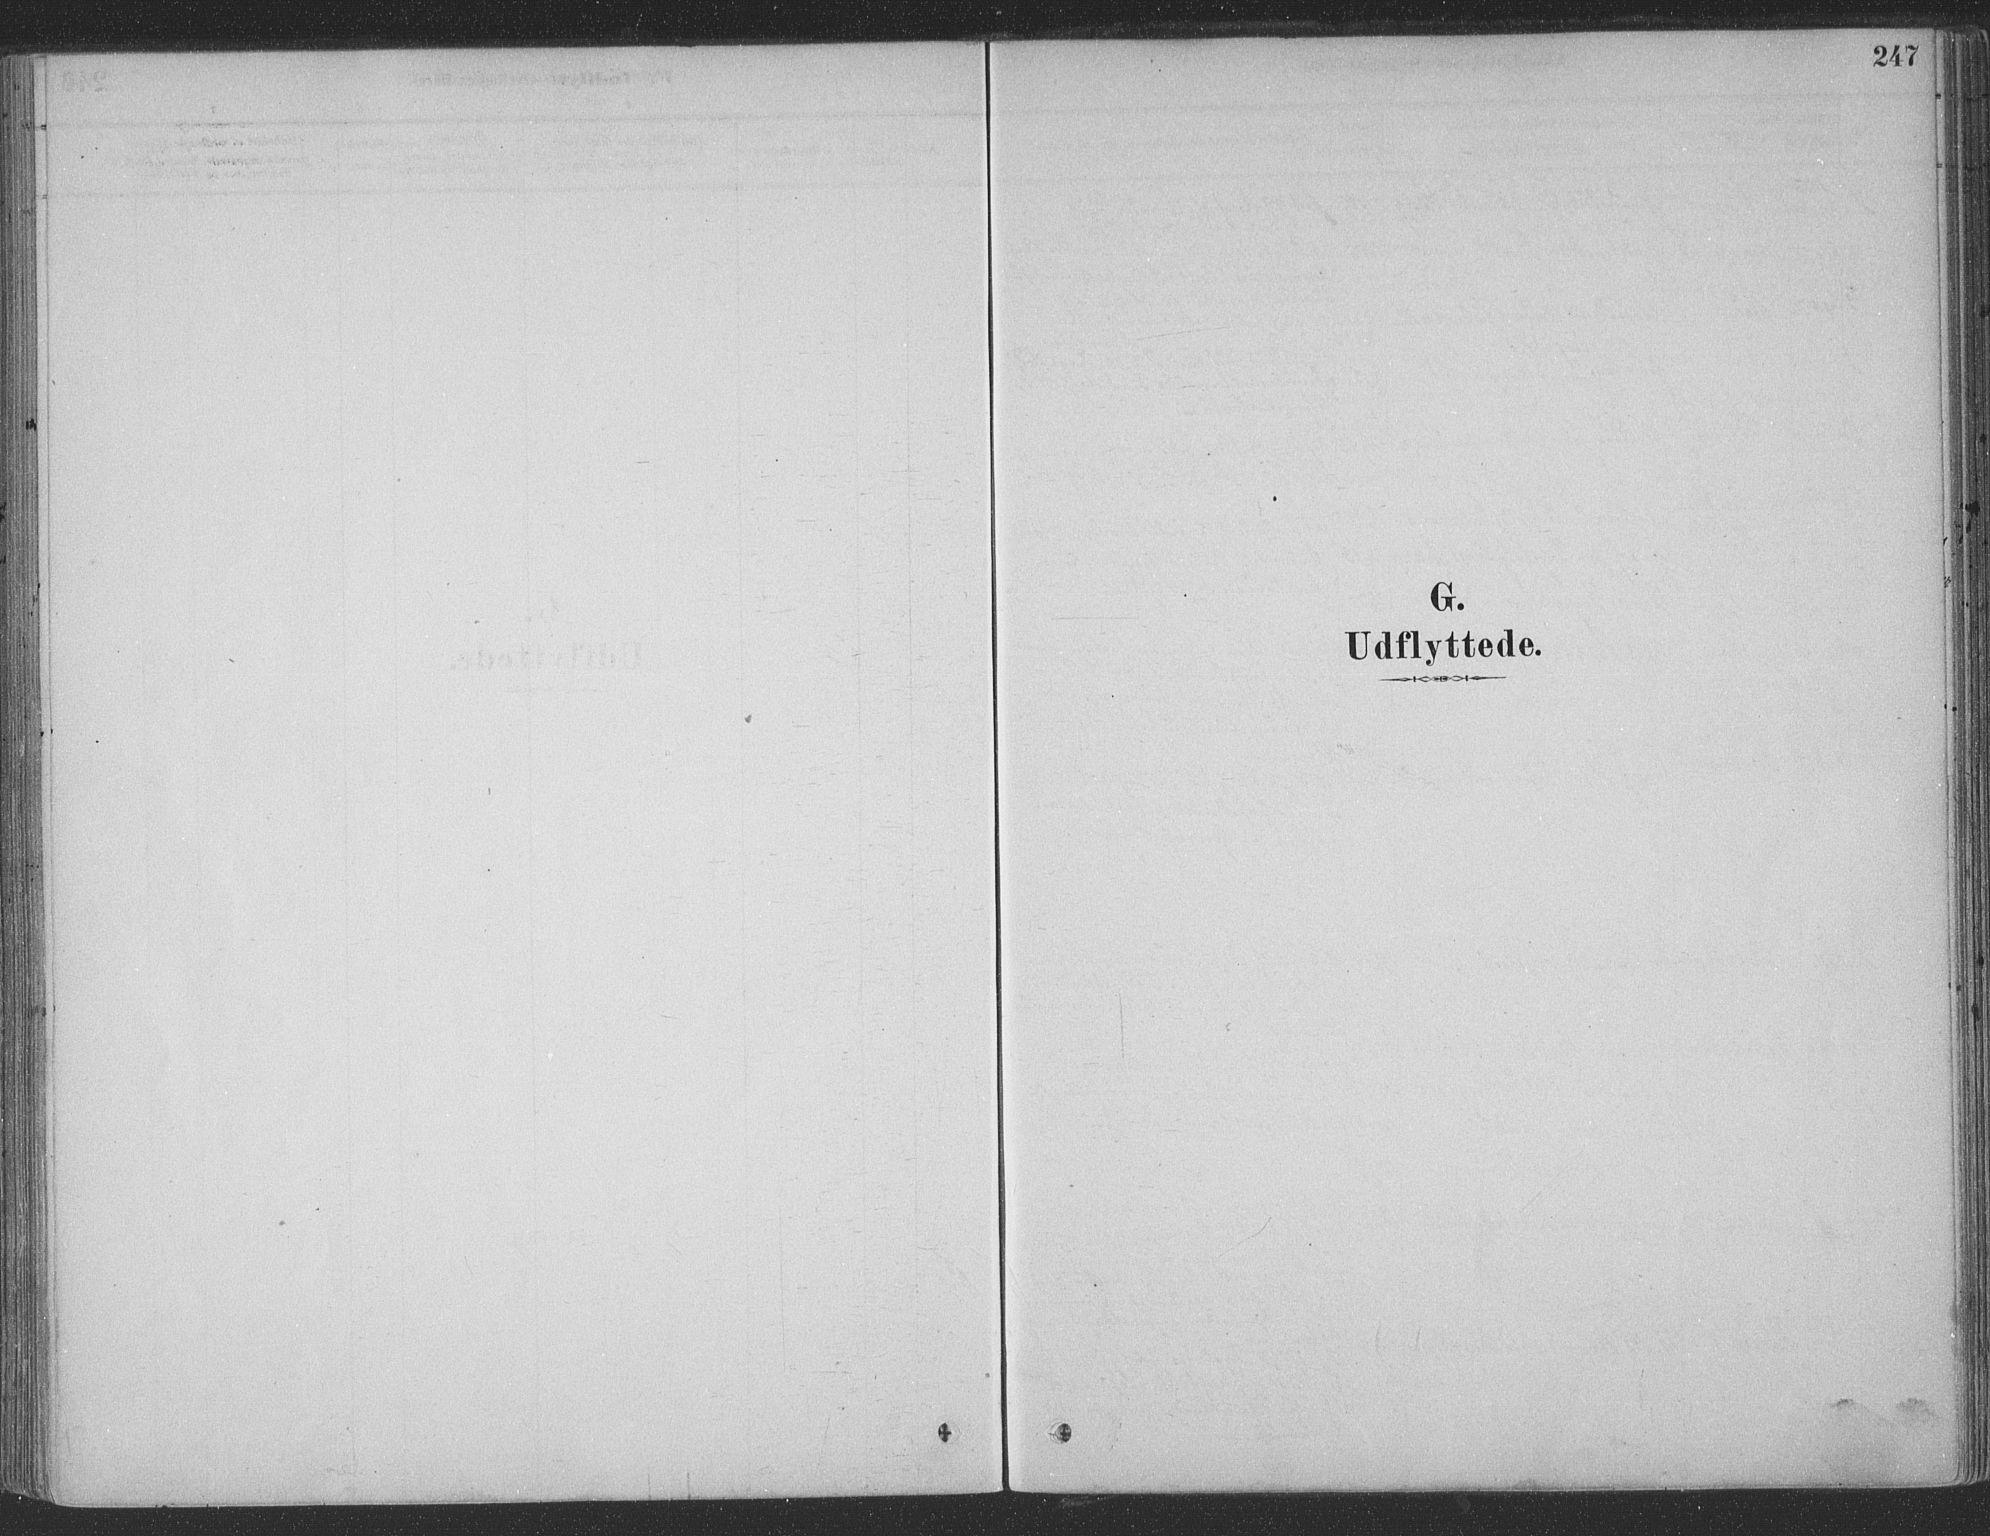 SAT, Ministerialprotokoller, klokkerbøker og fødselsregistre - Møre og Romsdal, 547/L0604: Ministerialbok nr. 547A06, 1878-1906, s. 247